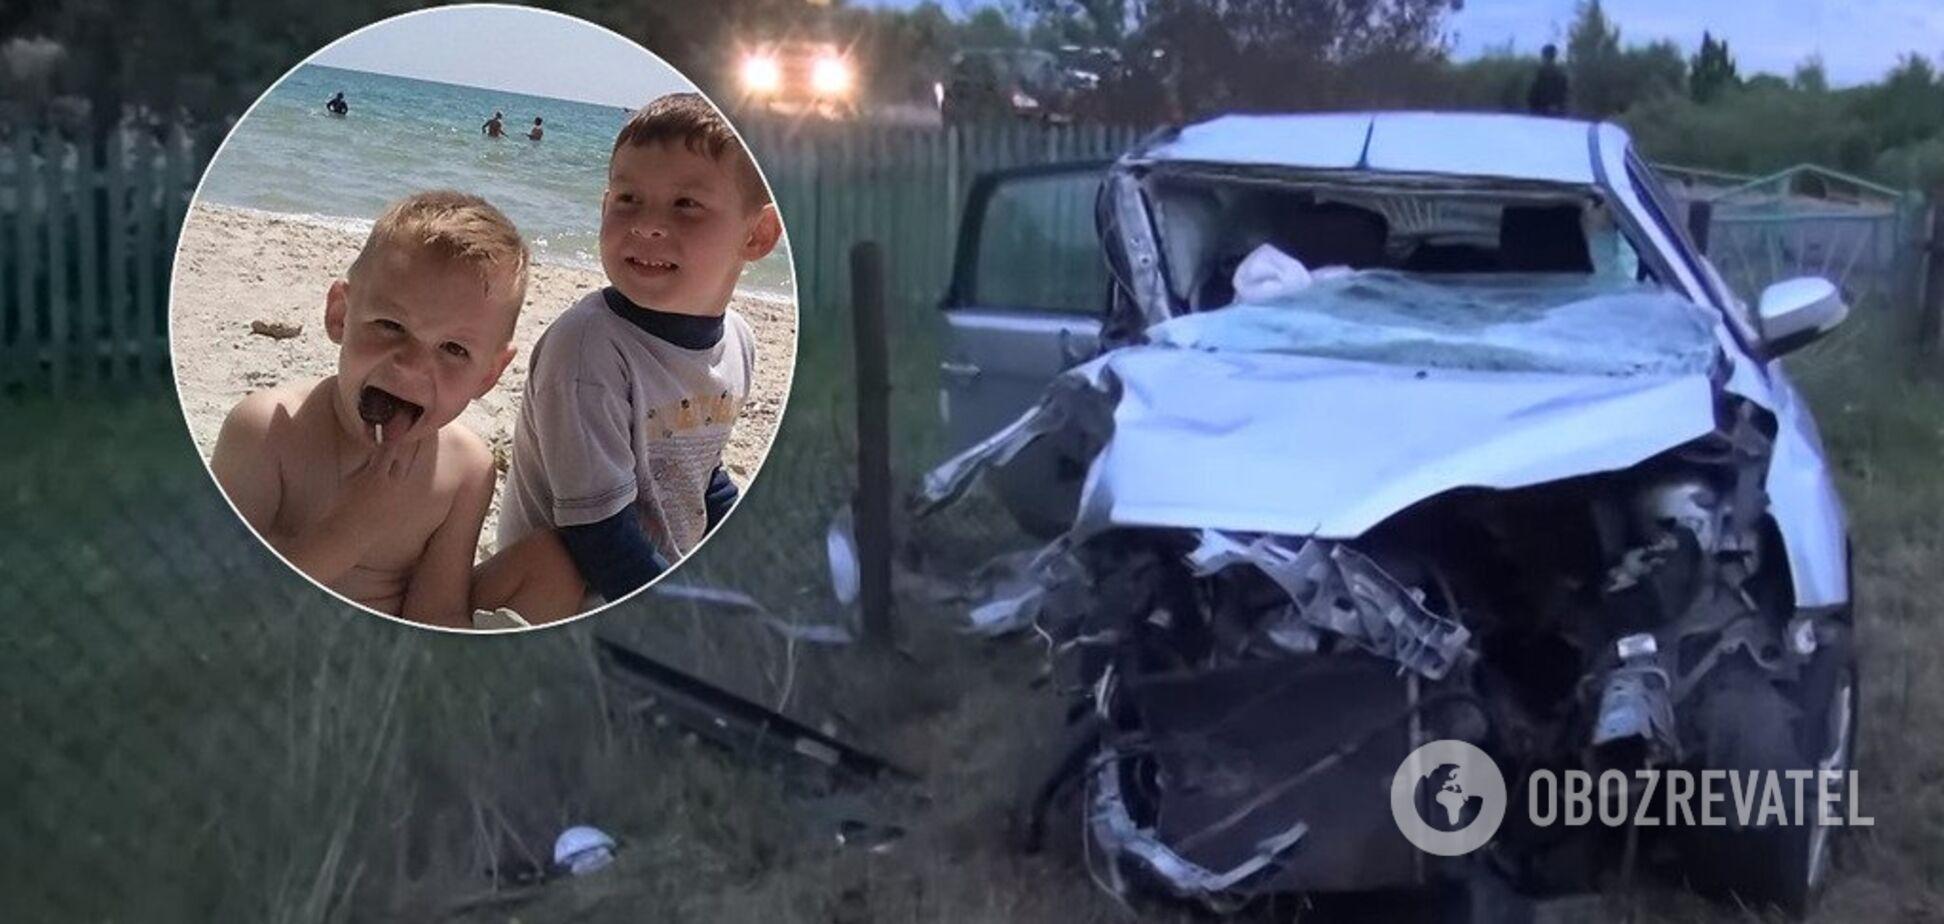 Пьяный депутат: всплыли подробности смертельного ДТП с детьми на Прикарпатье